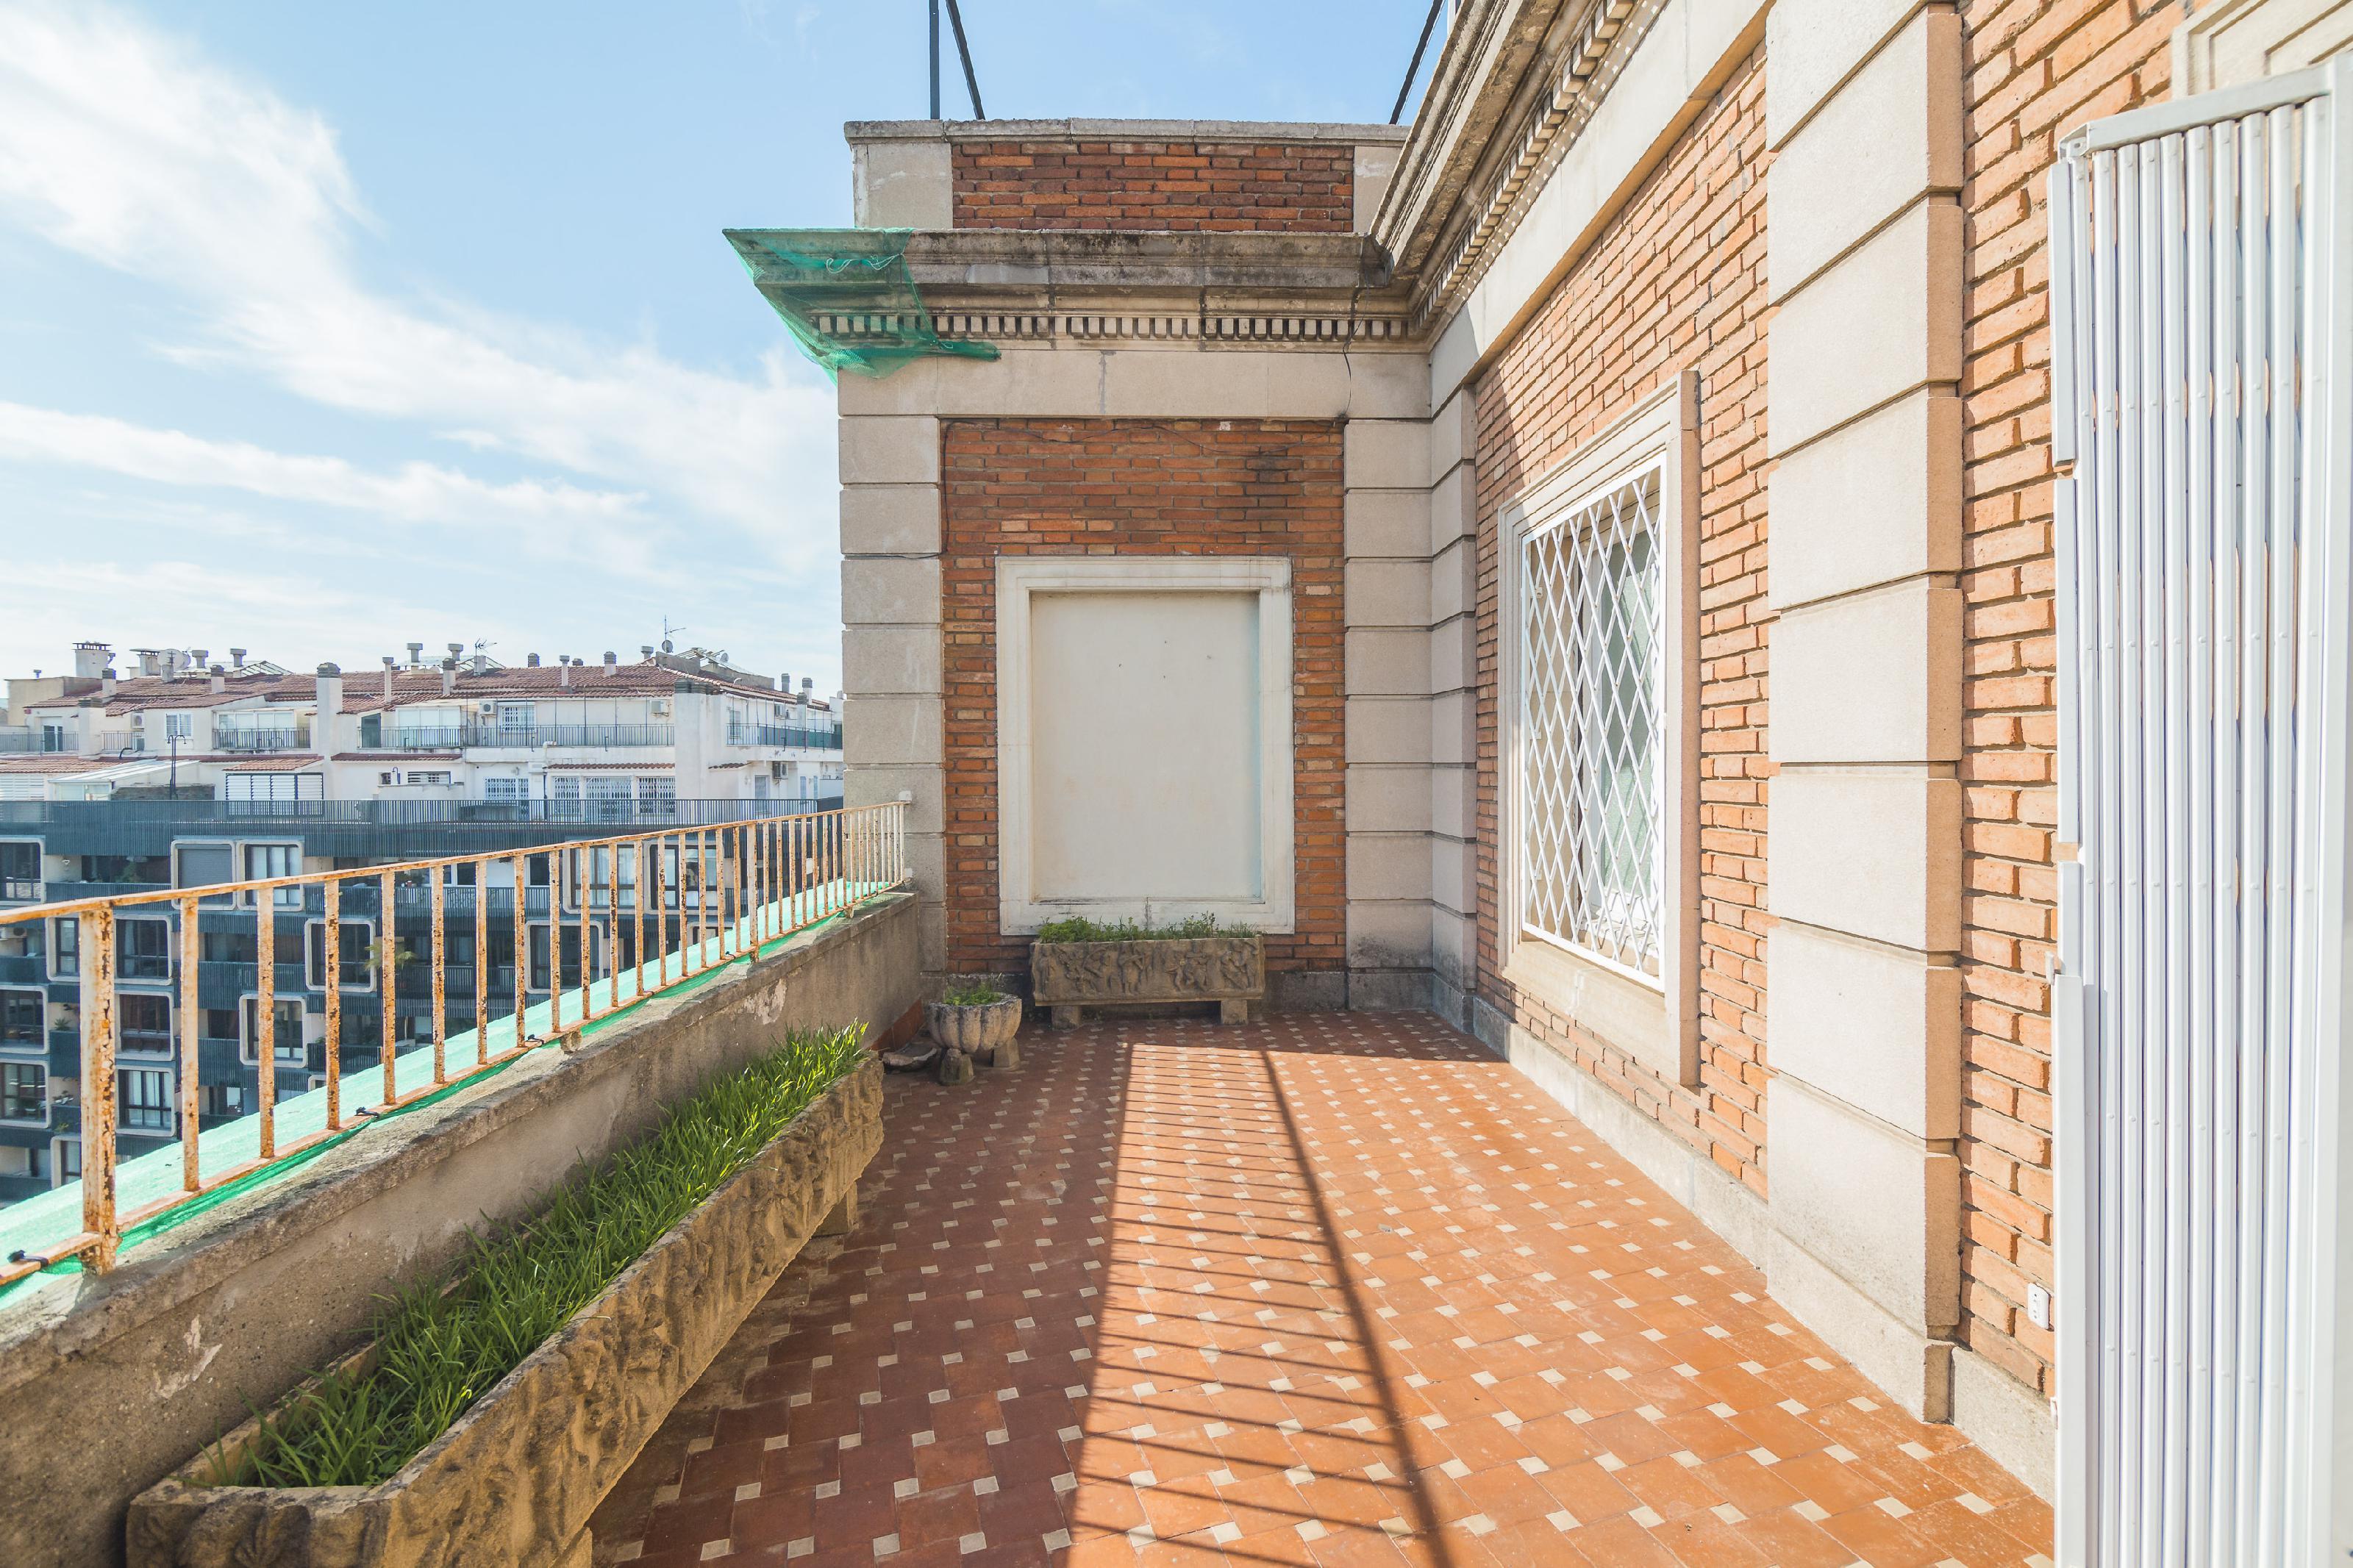 246643 Penthouse for sale in Sarrià-Sant Gervasi, St. Gervasi-Bonanova 31